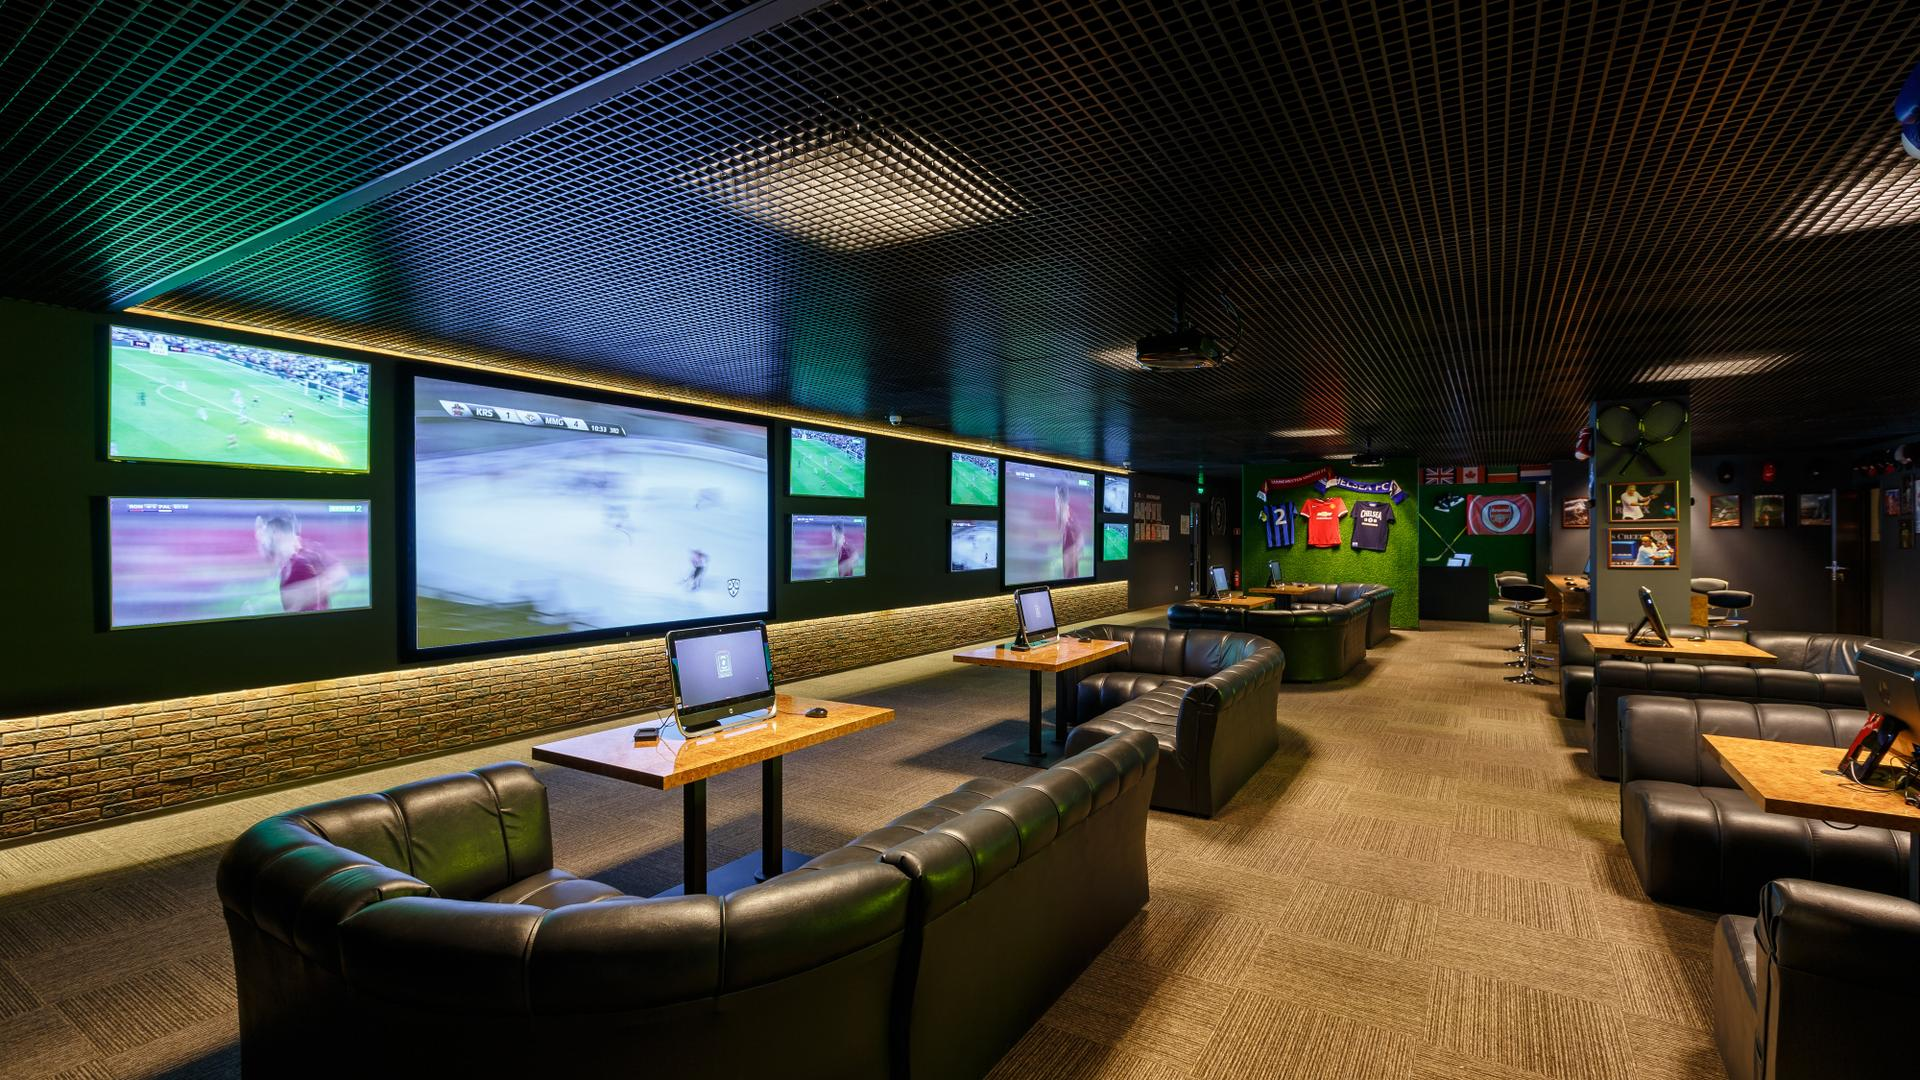 Спорт бары в Казани - спортивные бары, адреса, контакты, фото